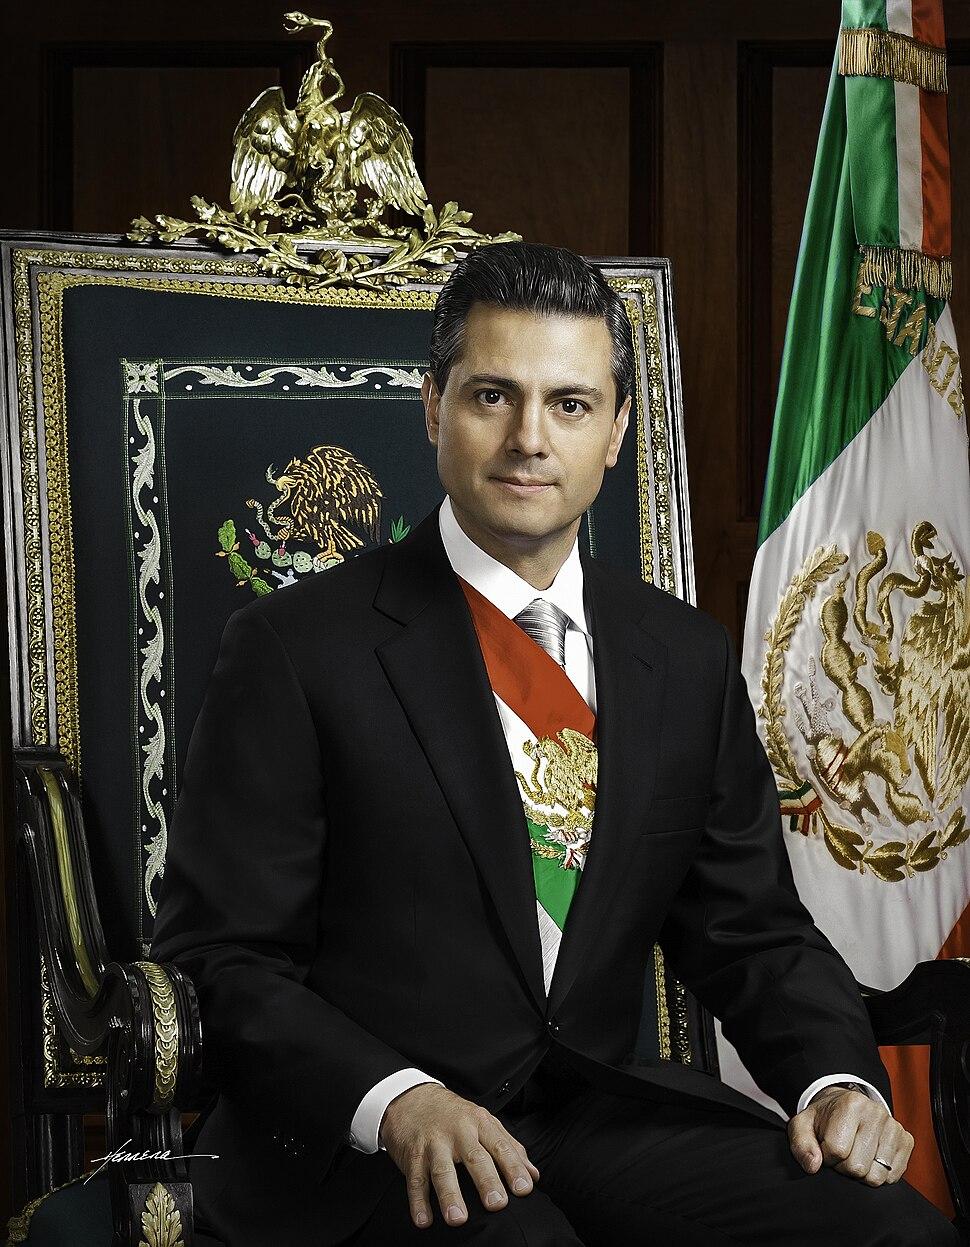 Presidente Enrique Peña Nieto. Fotografía oficial